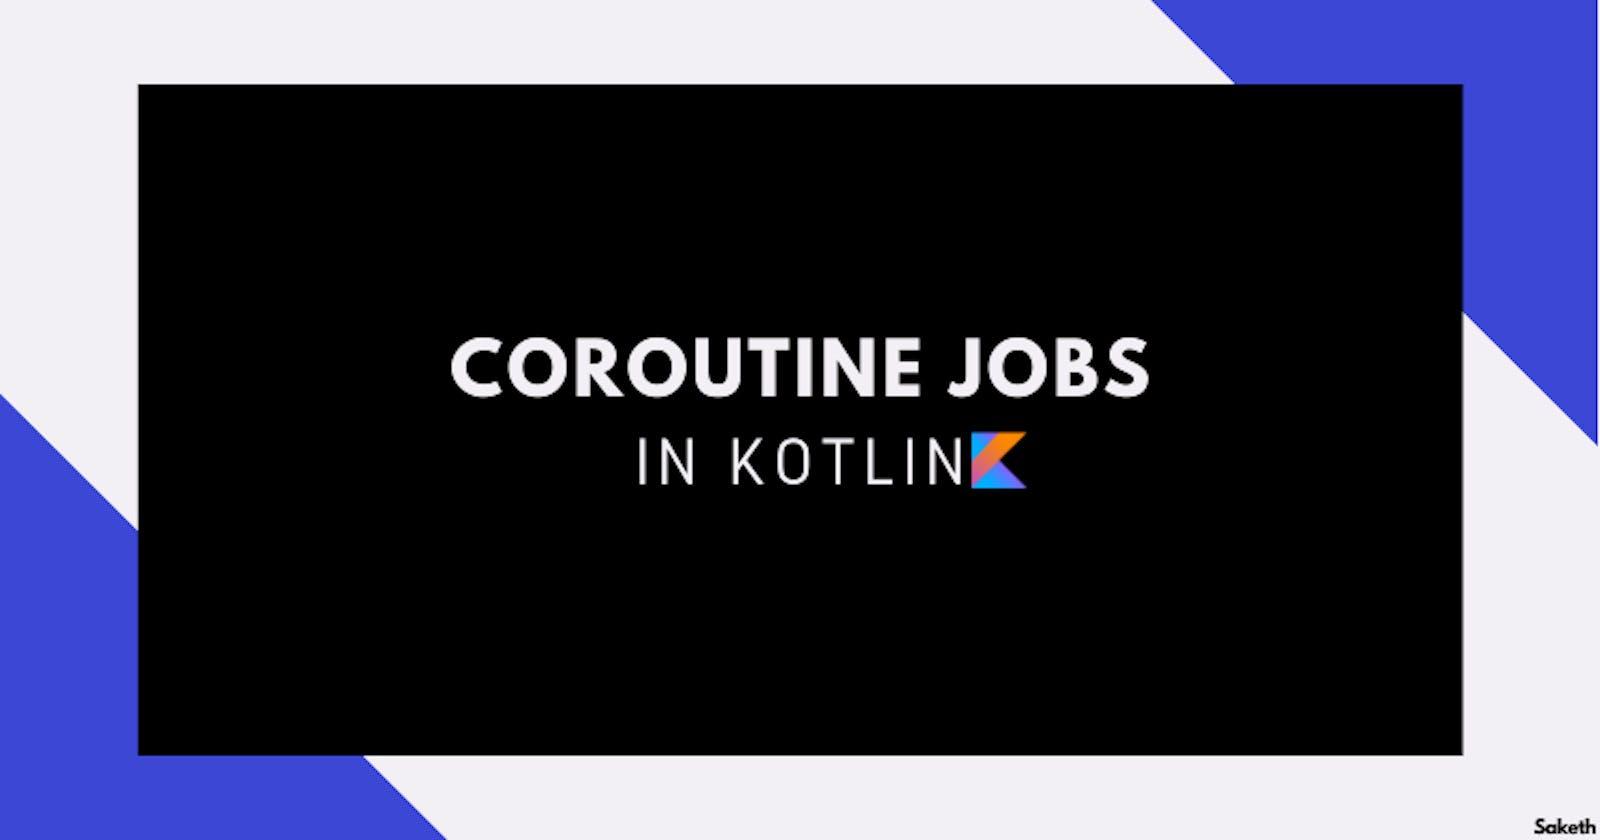 Coroutine Jobs In Kotlin